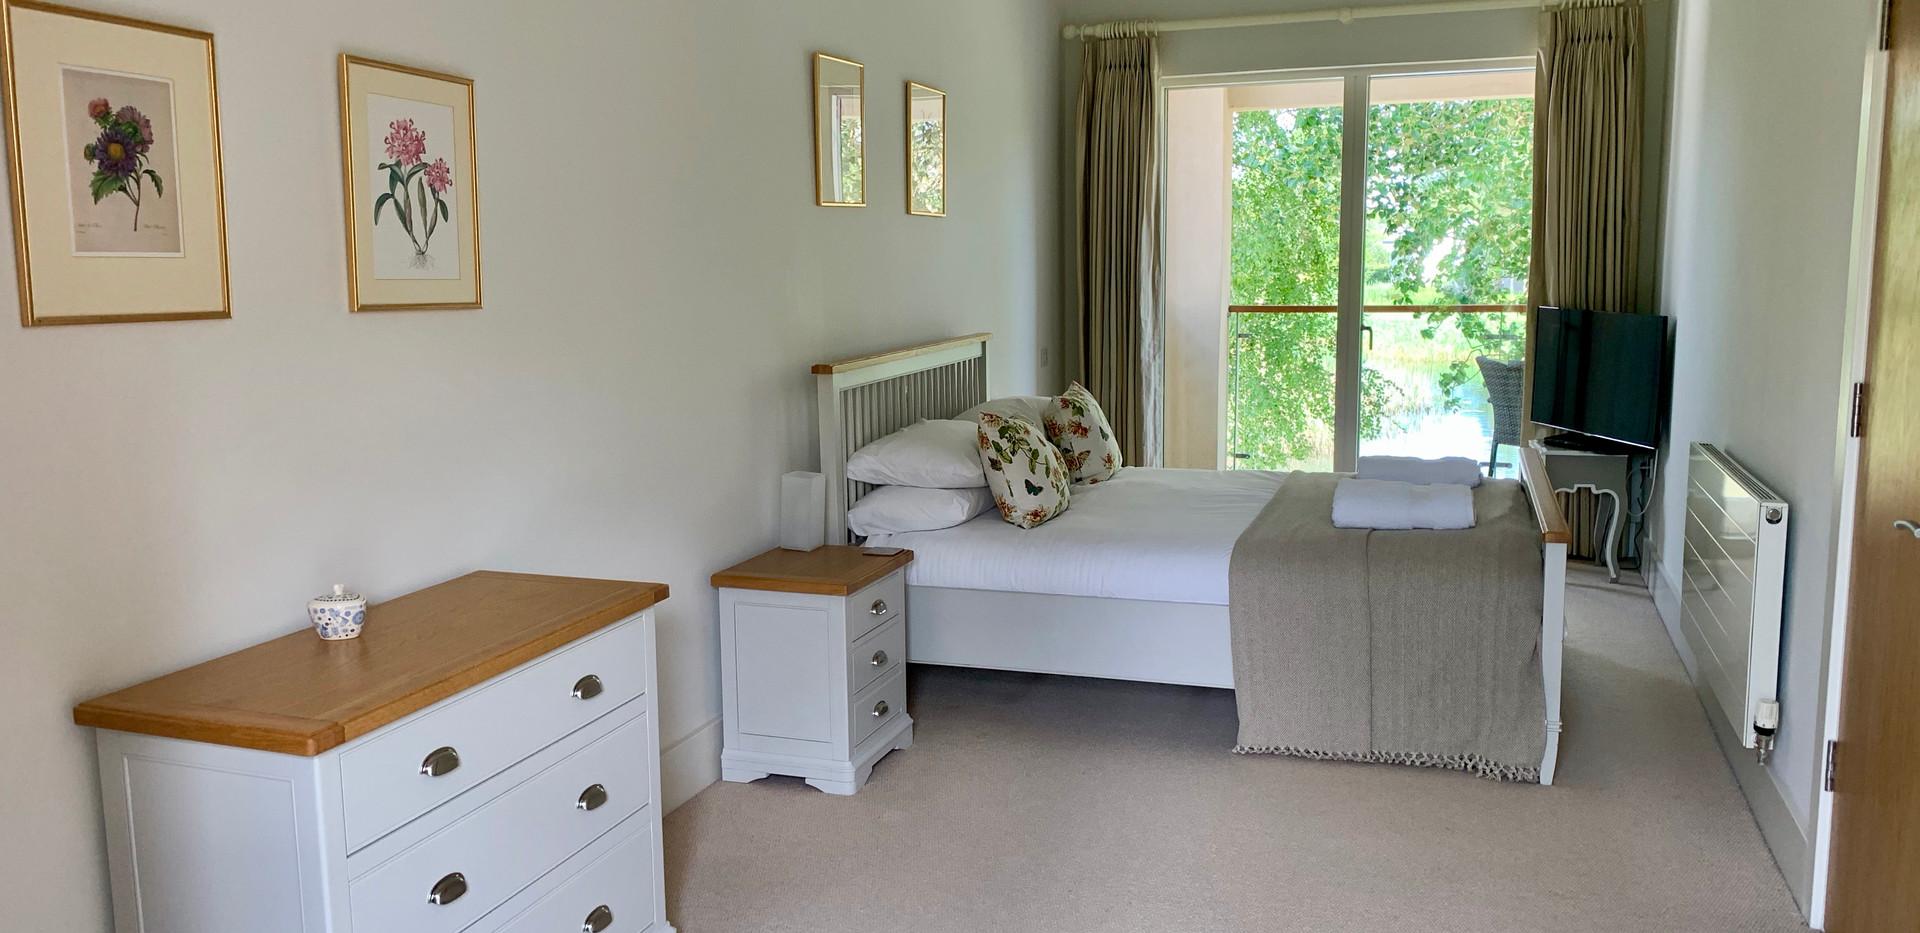 Dunnock House Master Bedroom 2